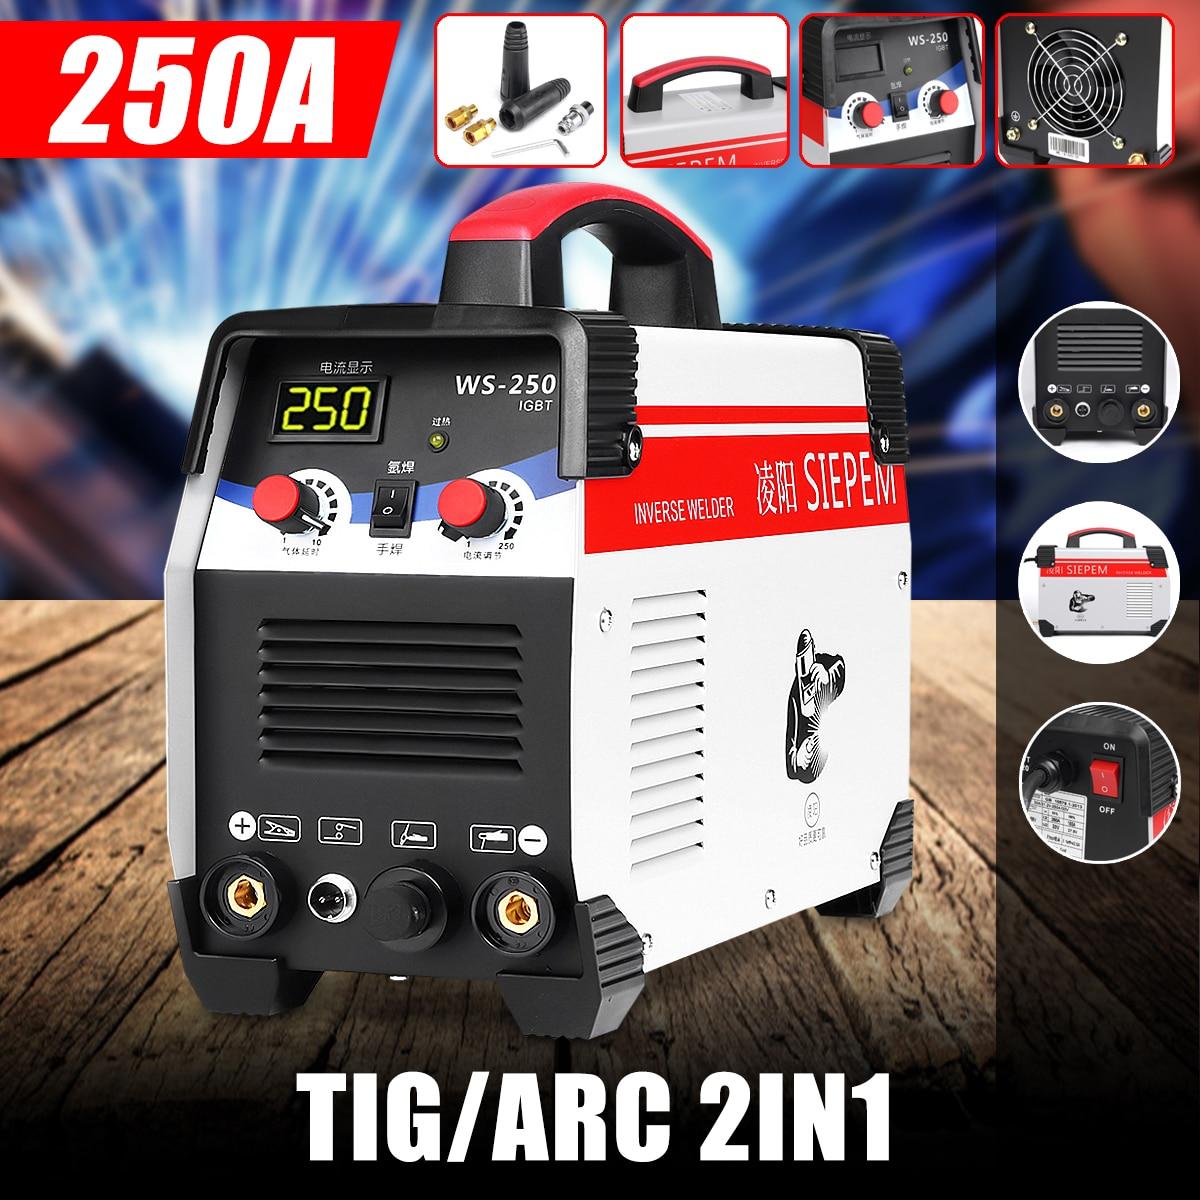 2In1 ARC/TIG Do Inversor IGBT Máquina de Solda a Arco Elétrico 220 V 250A MMA Soldadores para a Soldagem de Trabalho De Trabalho Elétrico ferramentas de poder